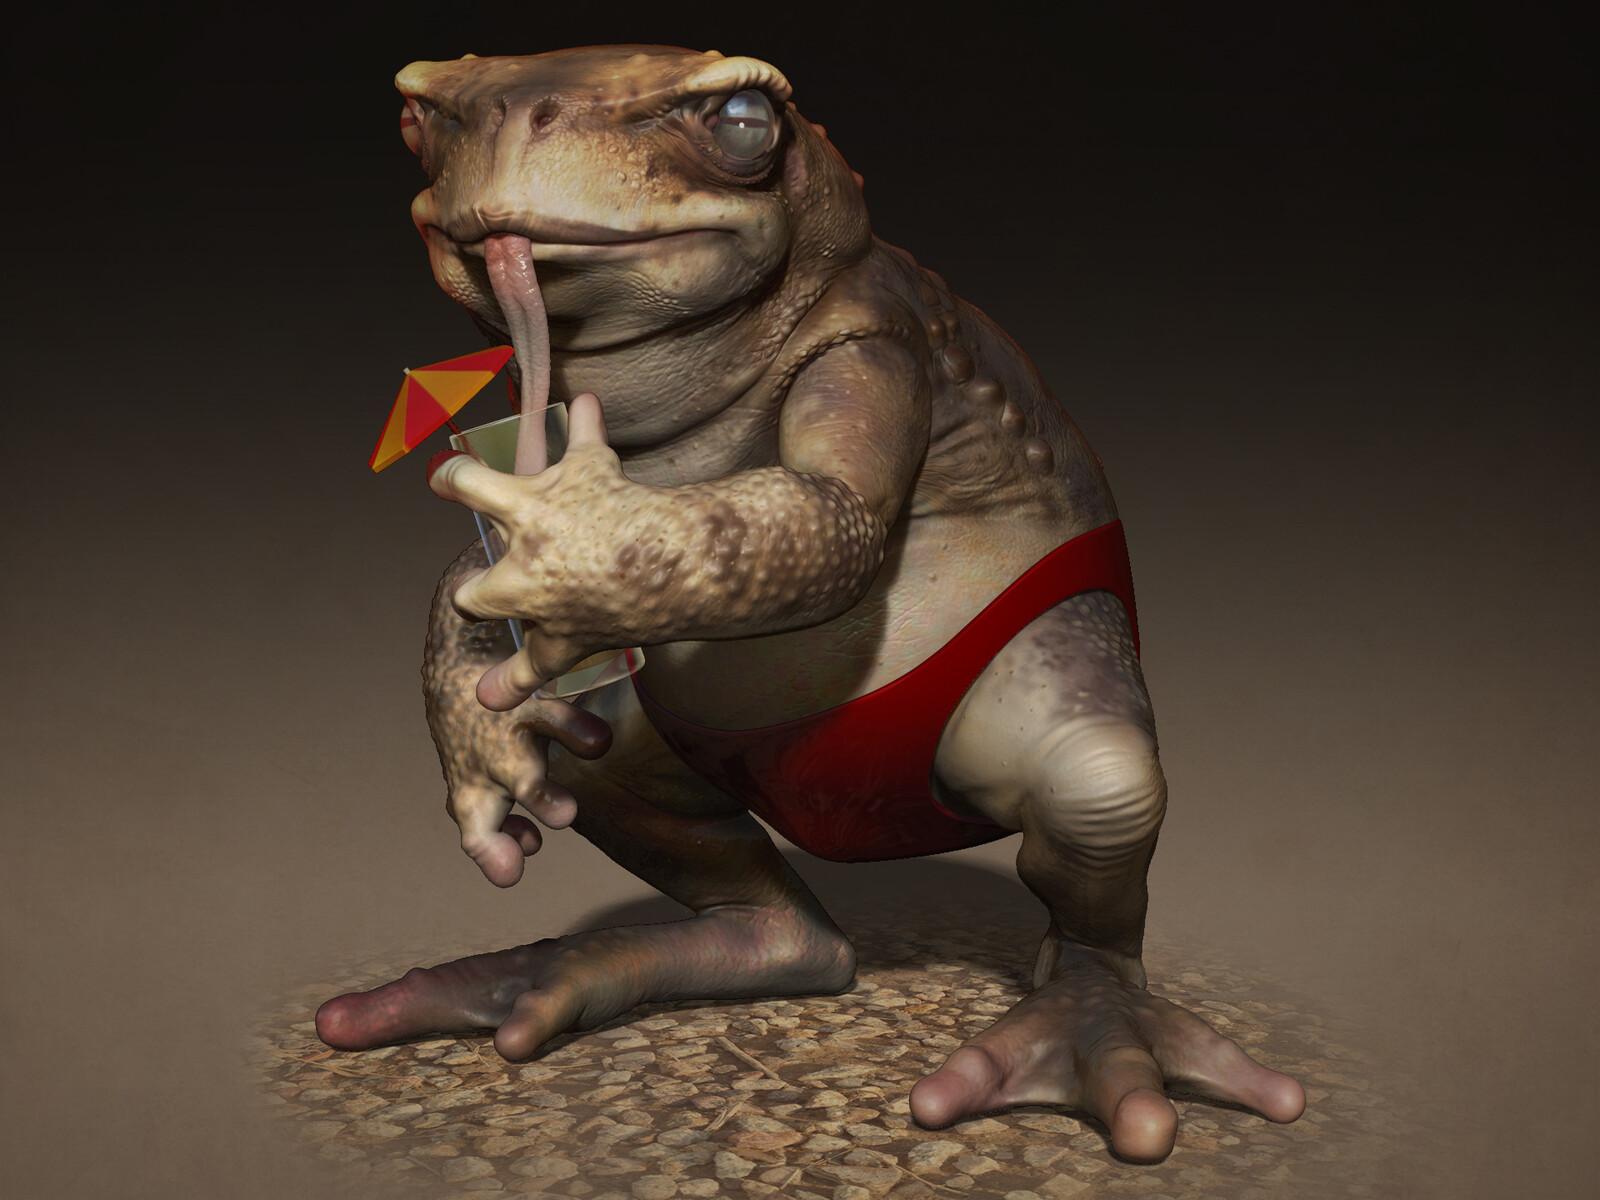 Slurpy Toadpants